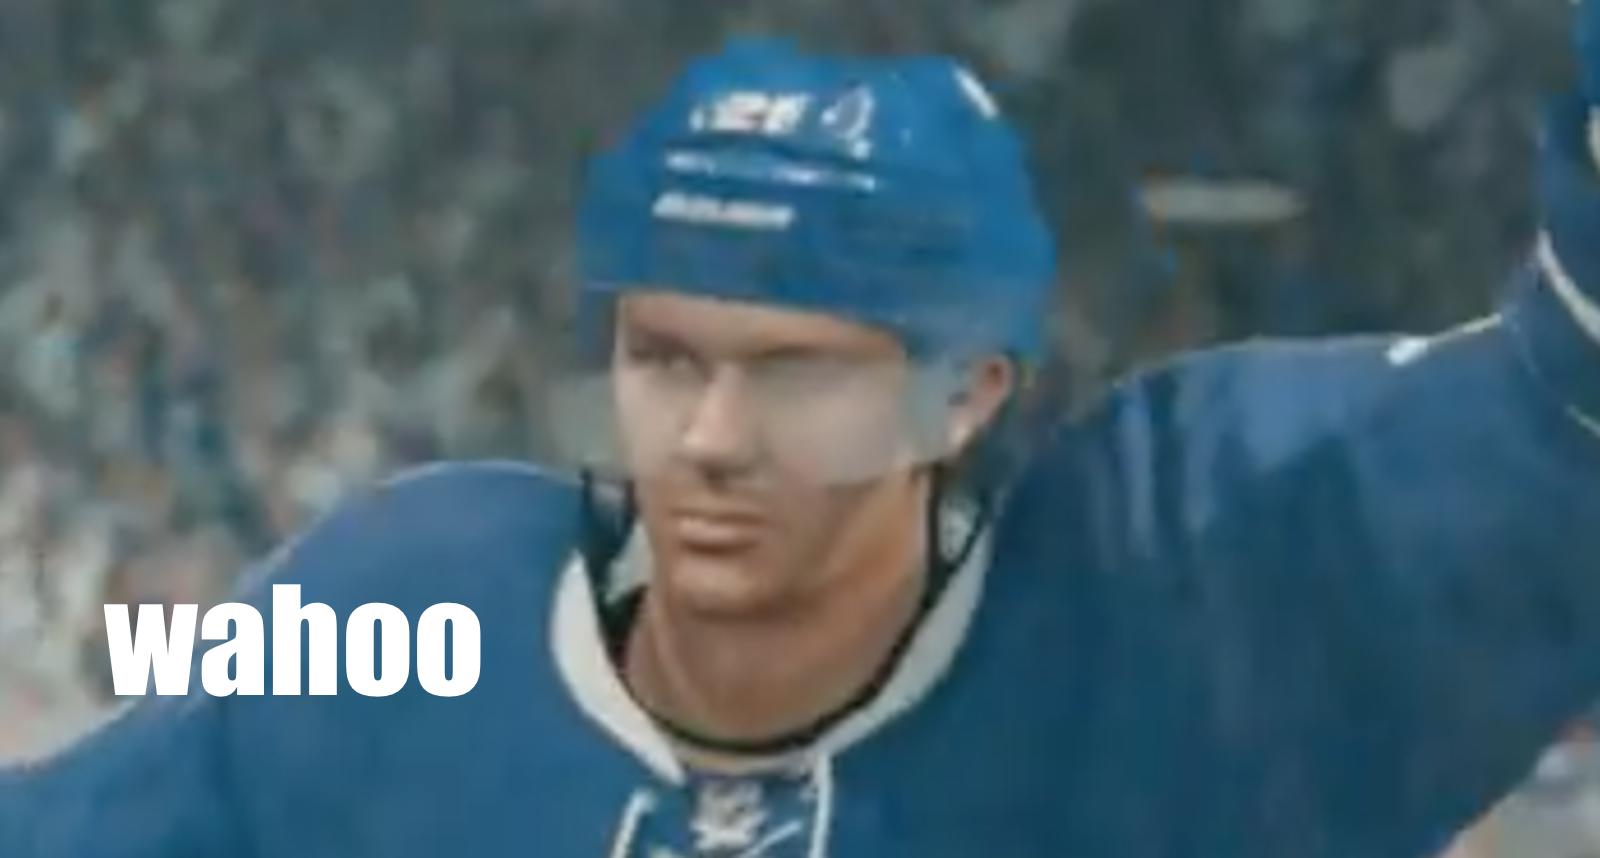 National Hockey League 18 Revealed in New Teaser Trailer; Full Reveal Coming June 21st